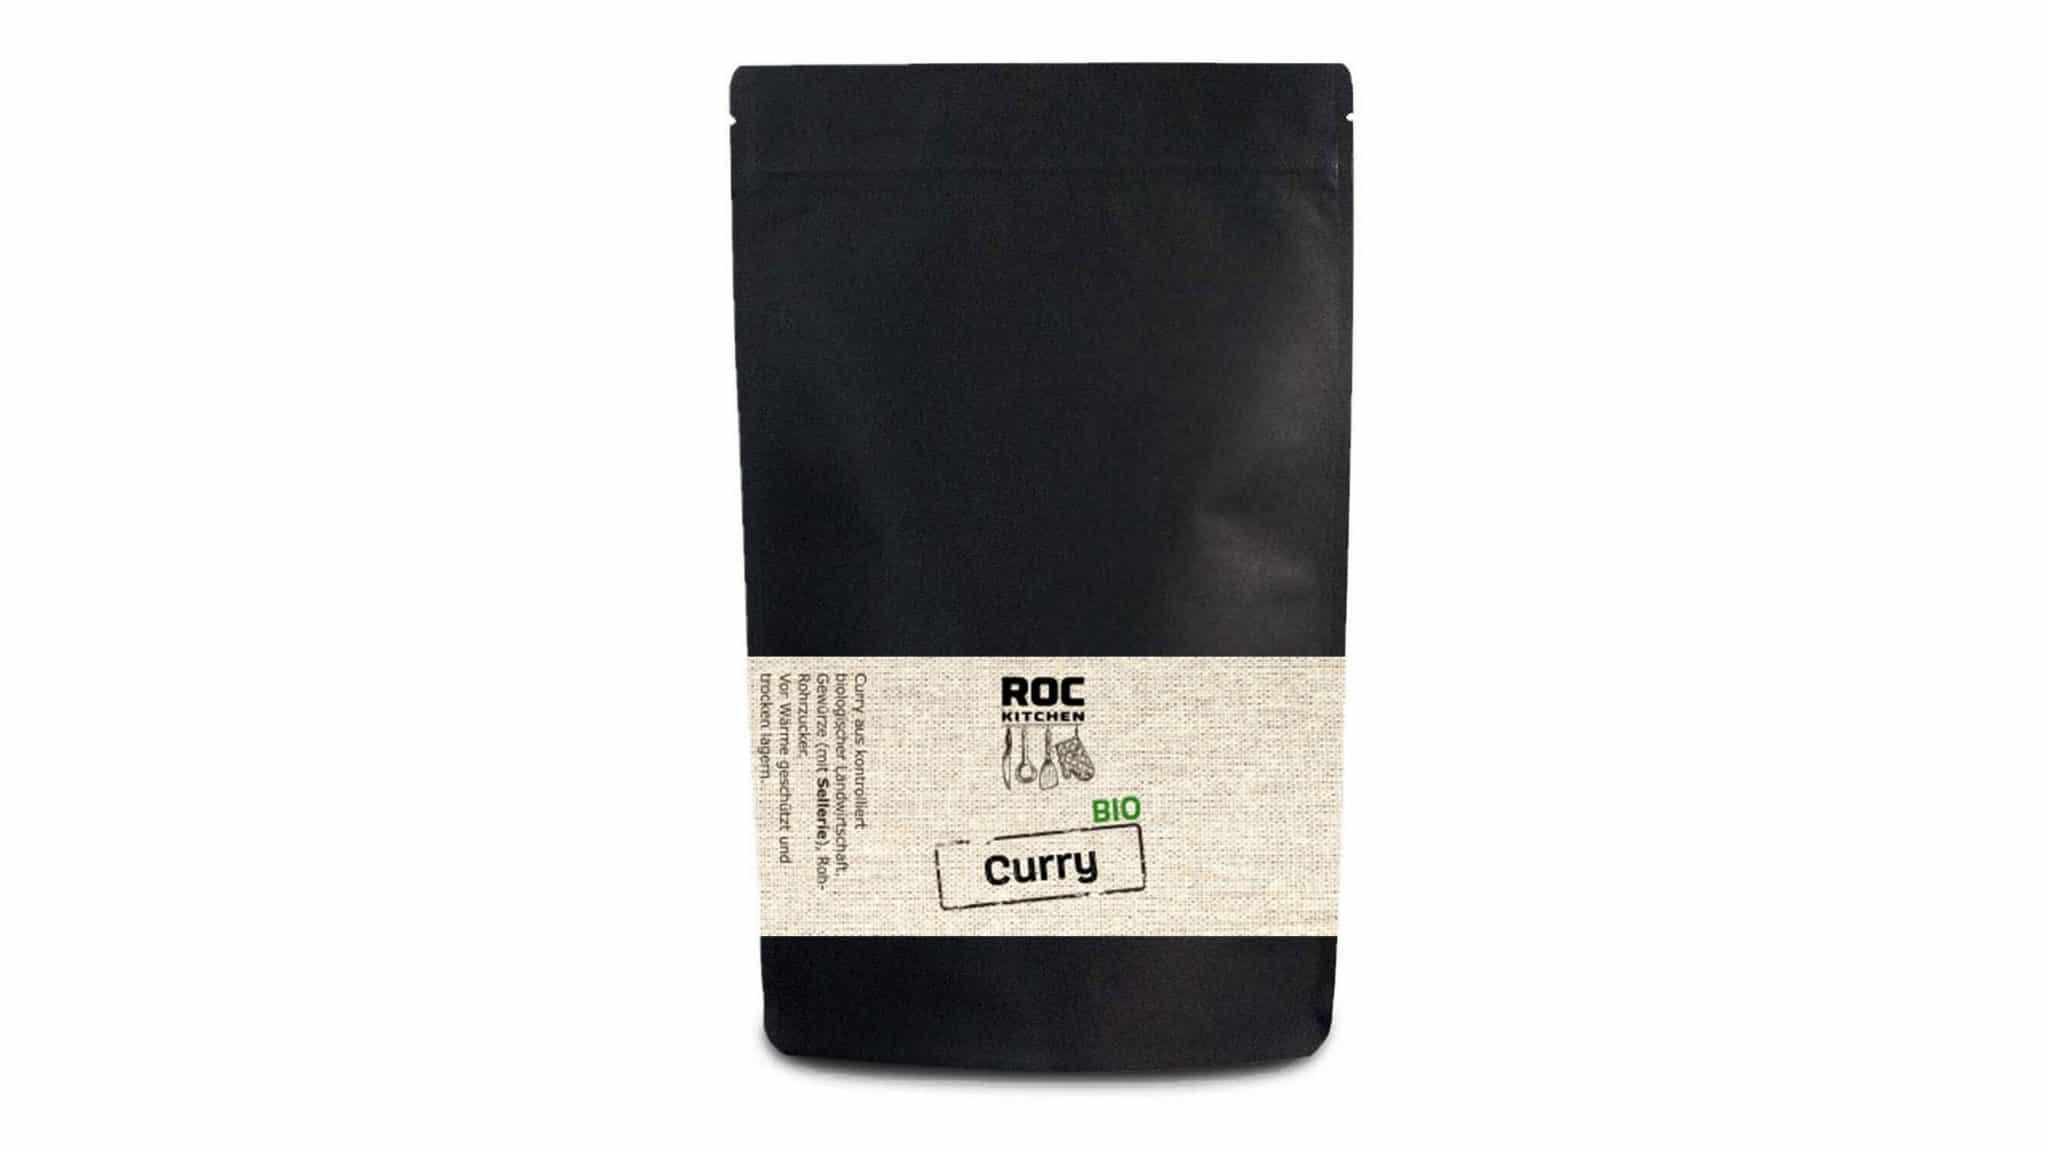 ROC-Kitchen Bio Curry